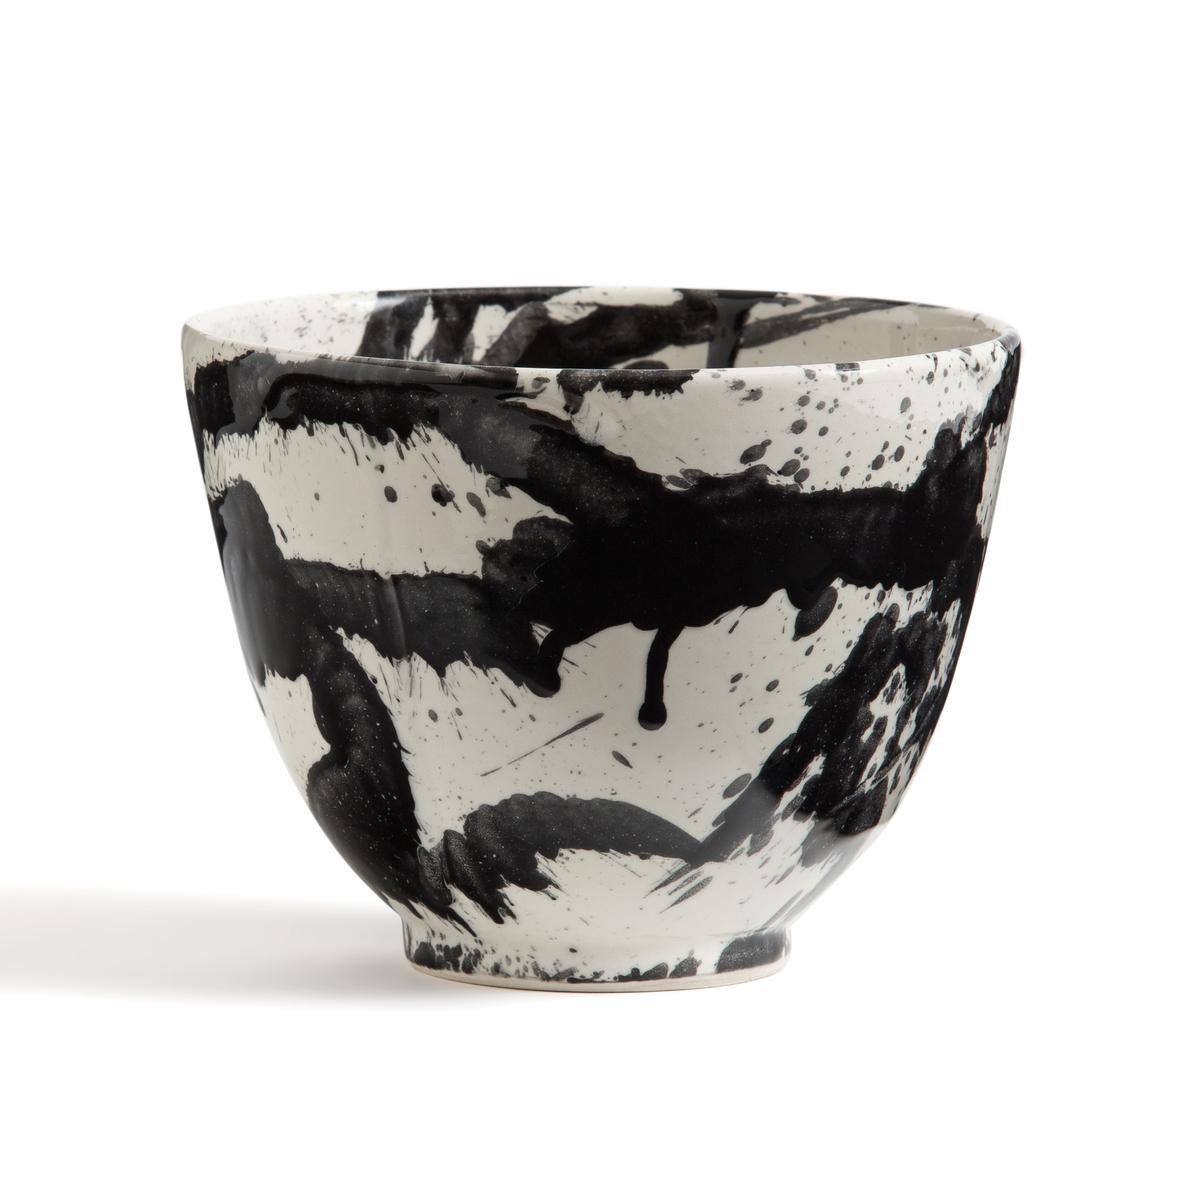 Фото - Салатница LaRedoute Из керамики Tasuku единый размер черный 4 десертные laredoute тарелки из глазурованной керамики anika единый размер серый